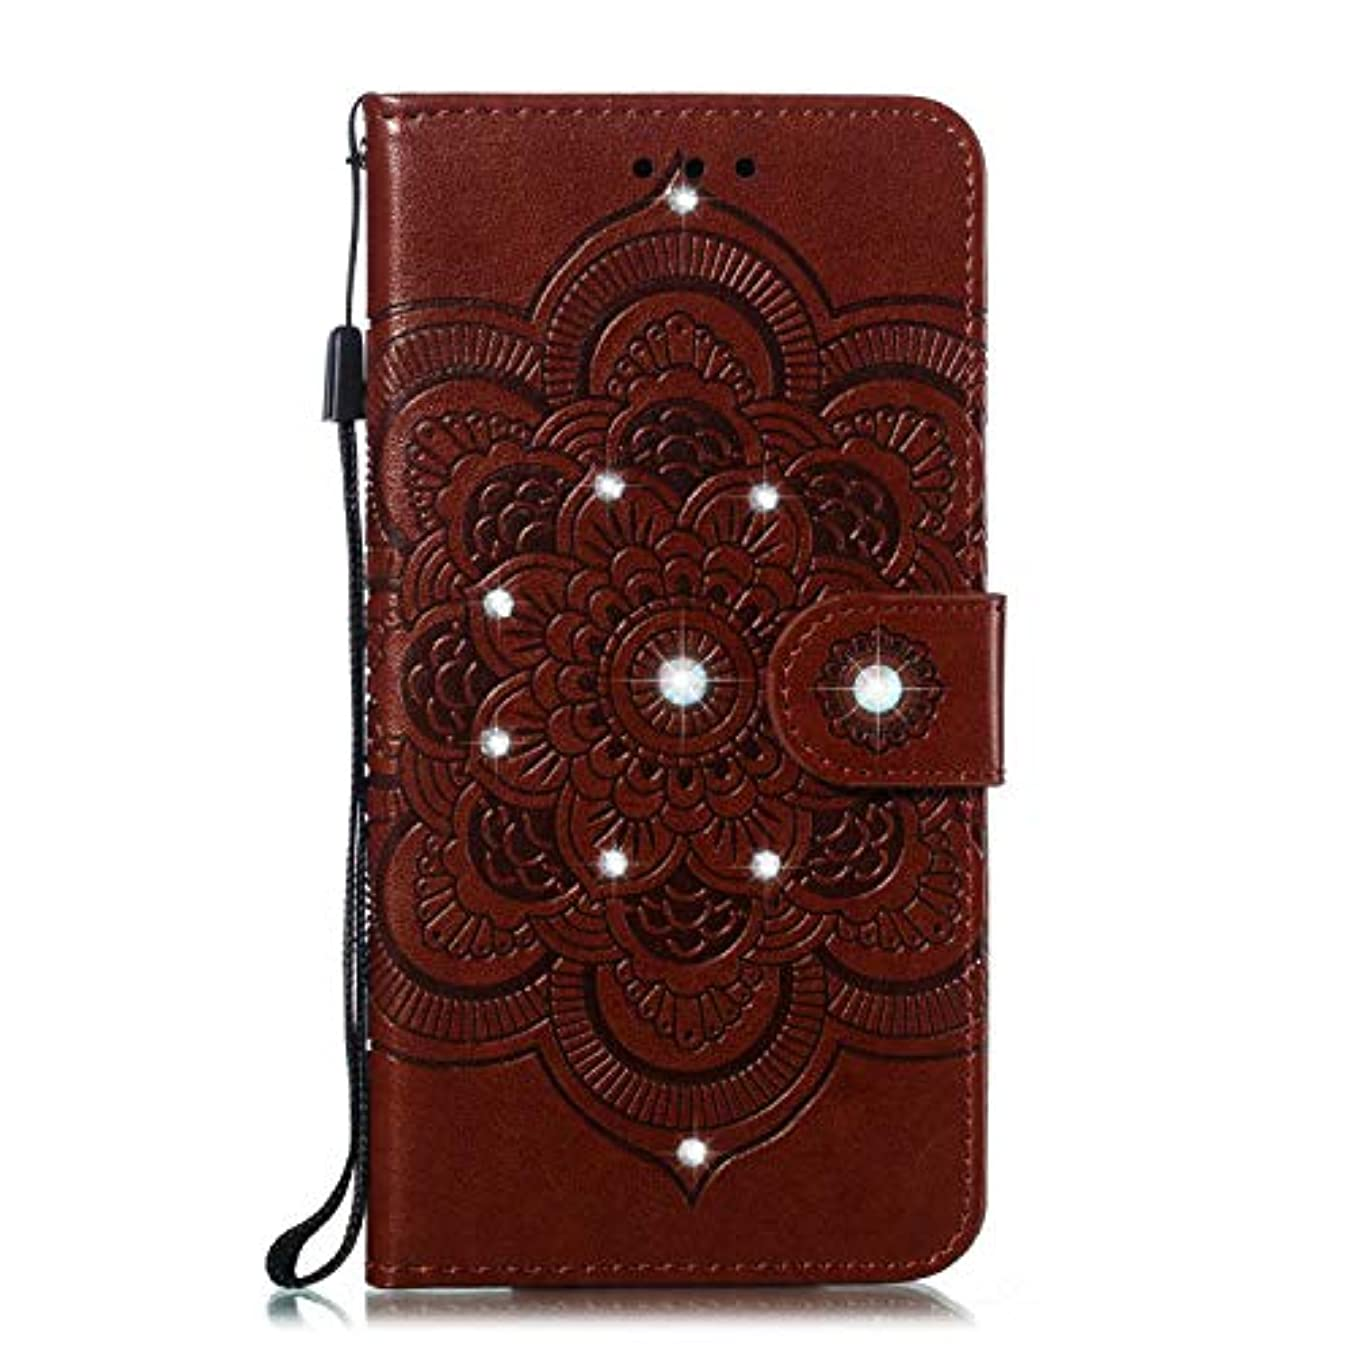 通貨納得させる最も遠いOMATENTI Huawei Honor 10 ケース 手帳型 かわいい レディース用 合皮PUレザー 財布型 保護ケース ザー カード収納 スタンド 機能 マグネット 人気 高品質 ダイヤモンドの輝き マンダラのエンボス加工 ケース, 褐色